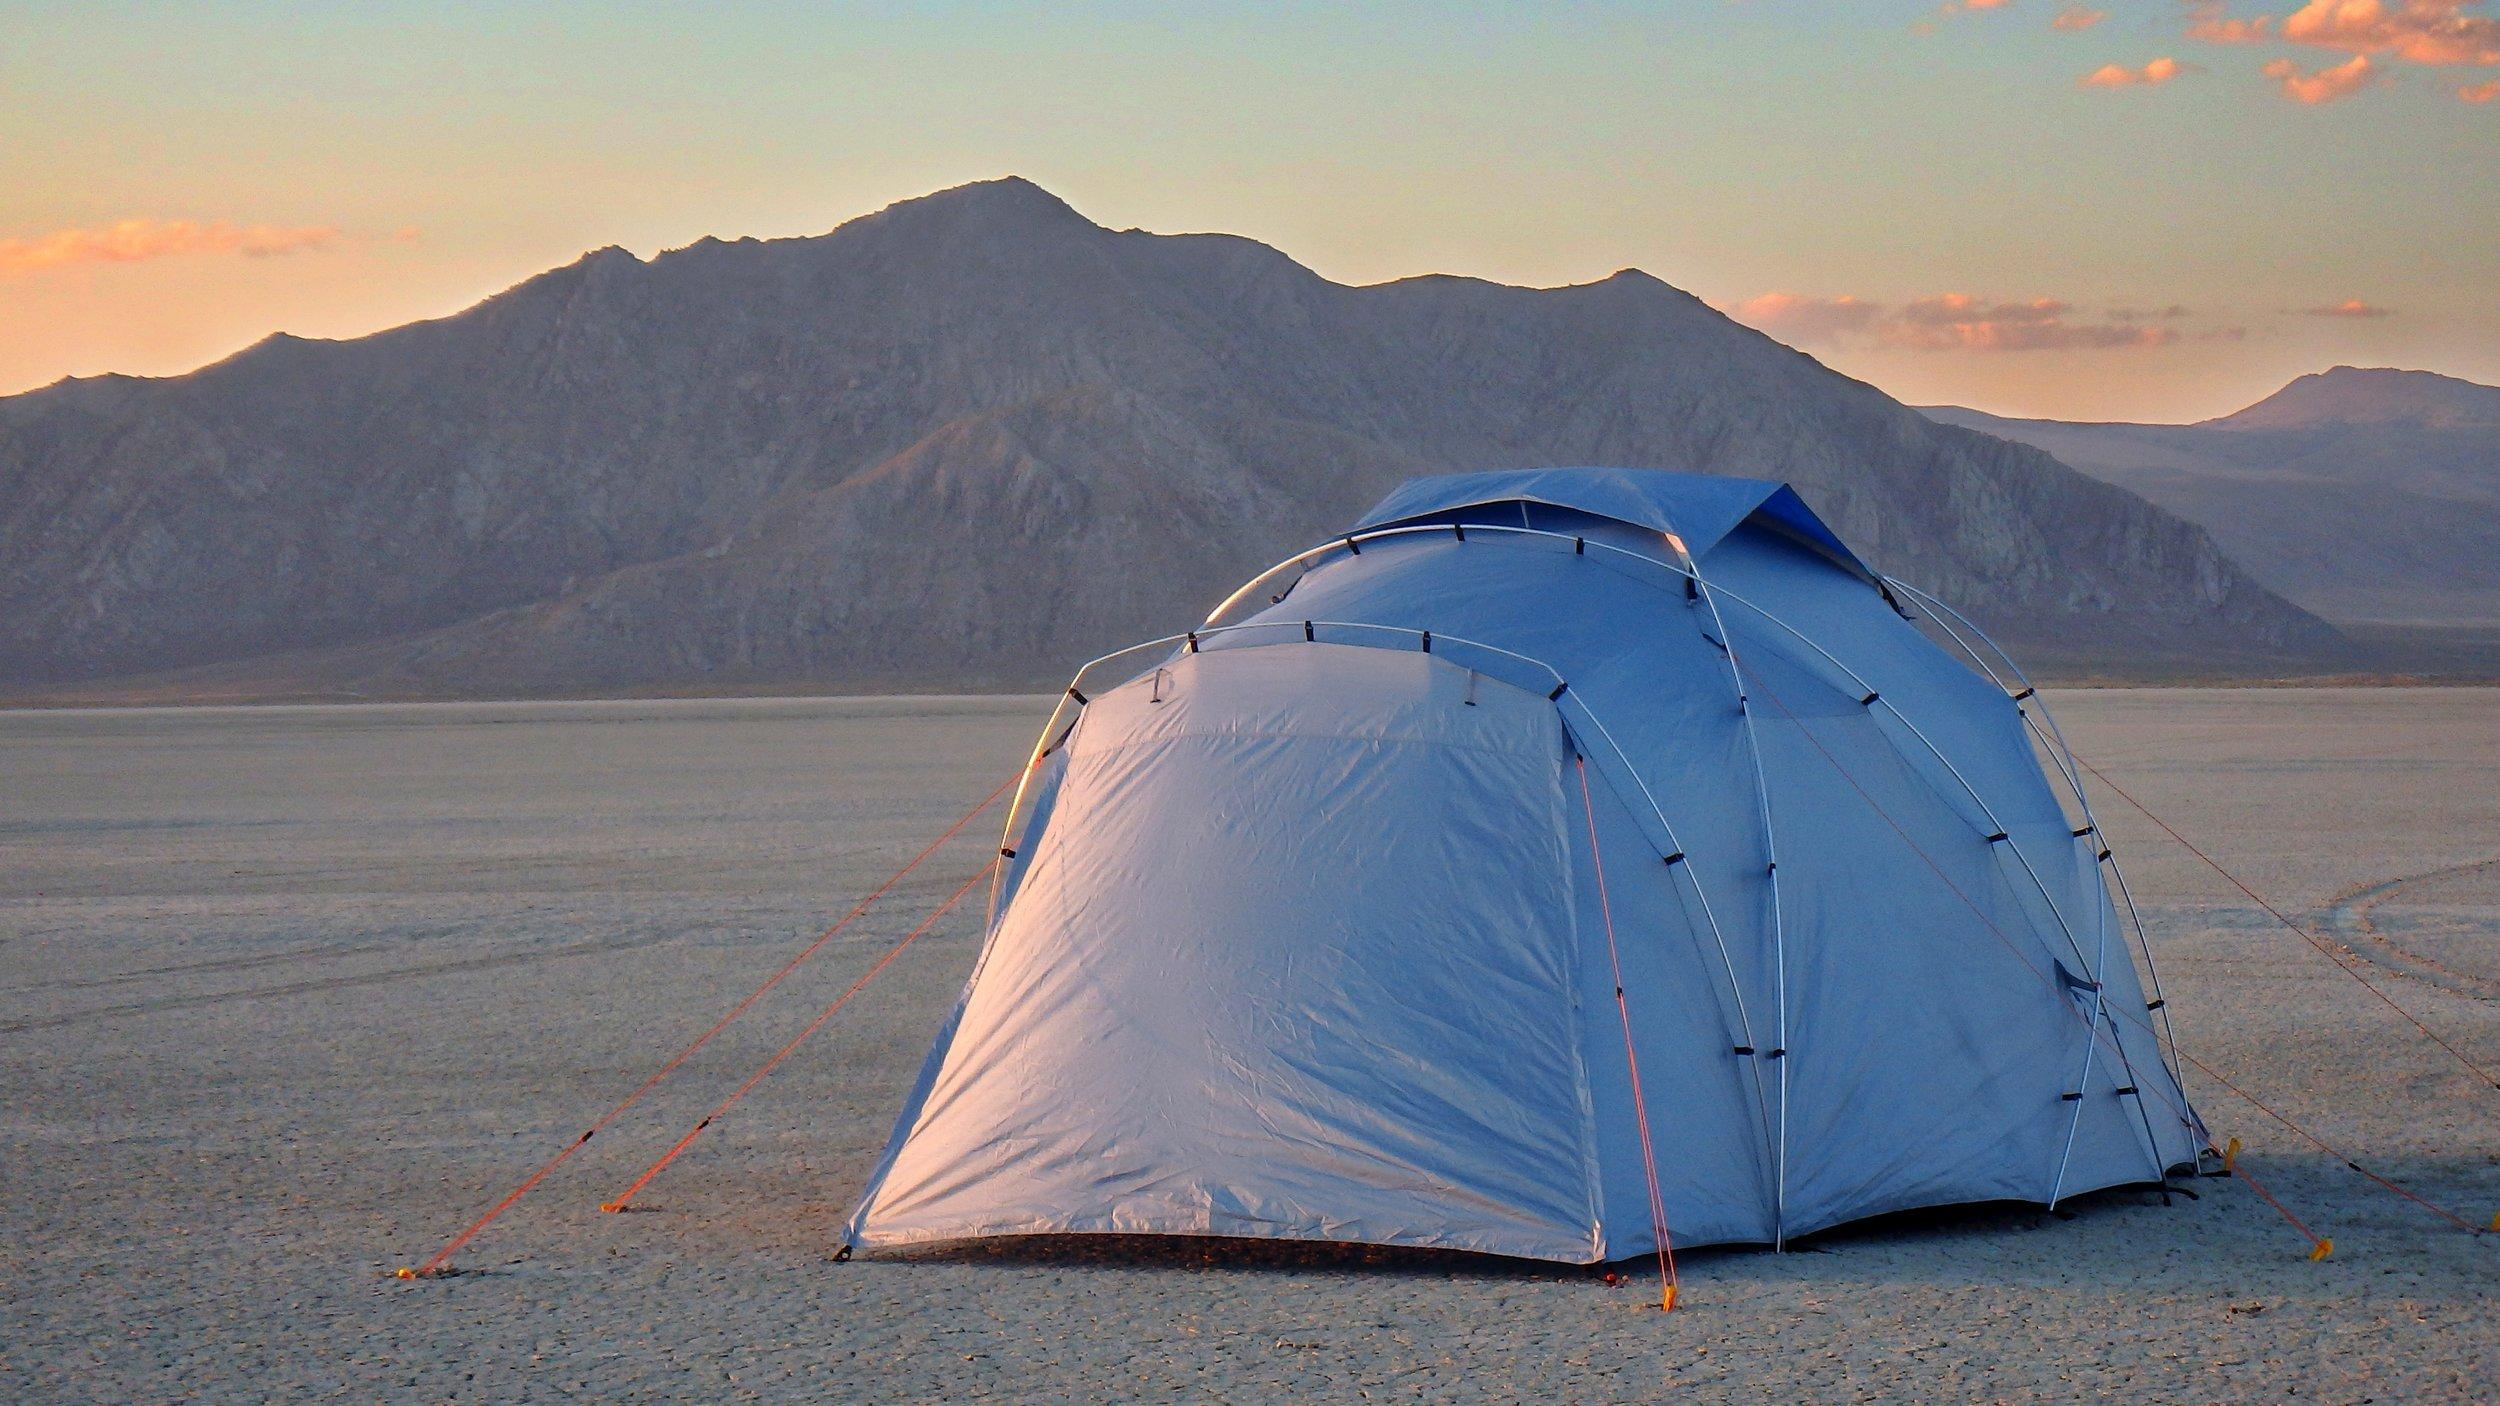 Testing in the Black Rock Desert, Nevada.